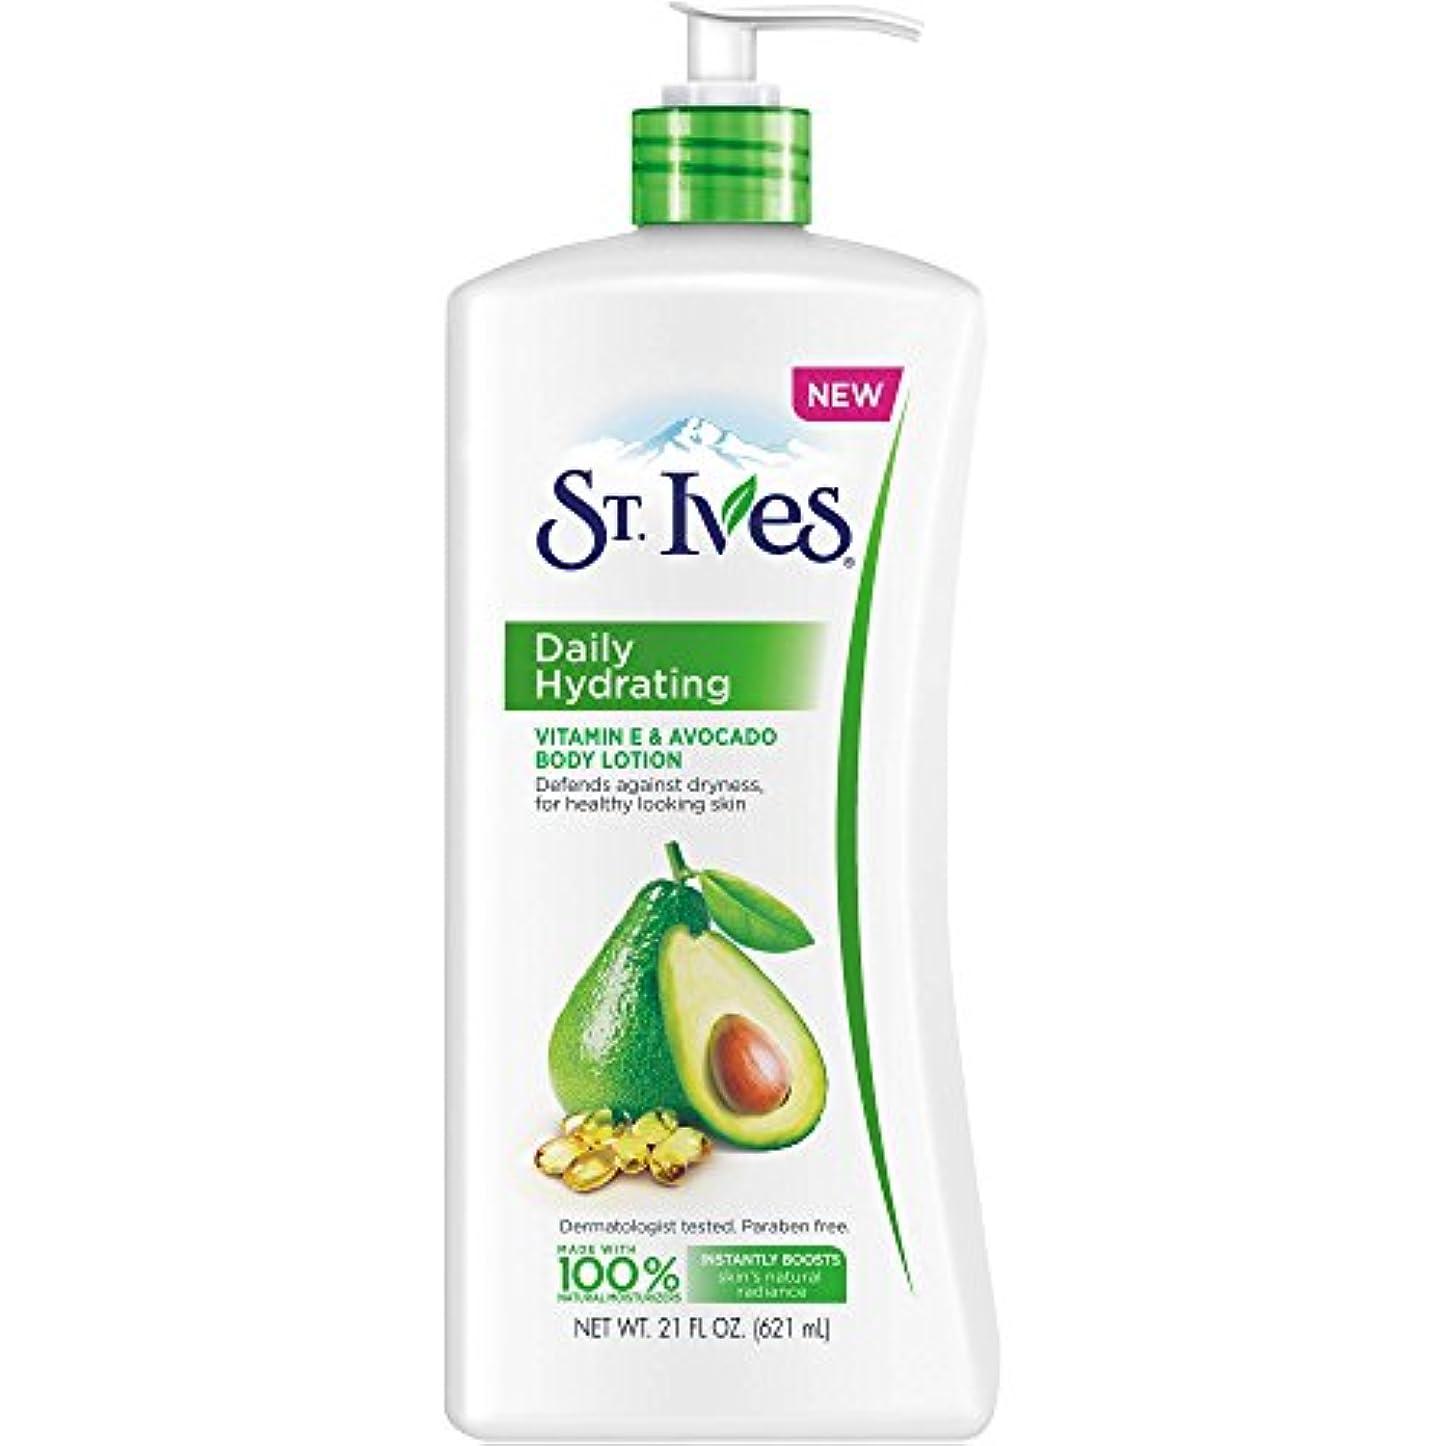 St. Ives Daily Hydrating Vitamin E and Avocado Body Lotion [並行輸入品]